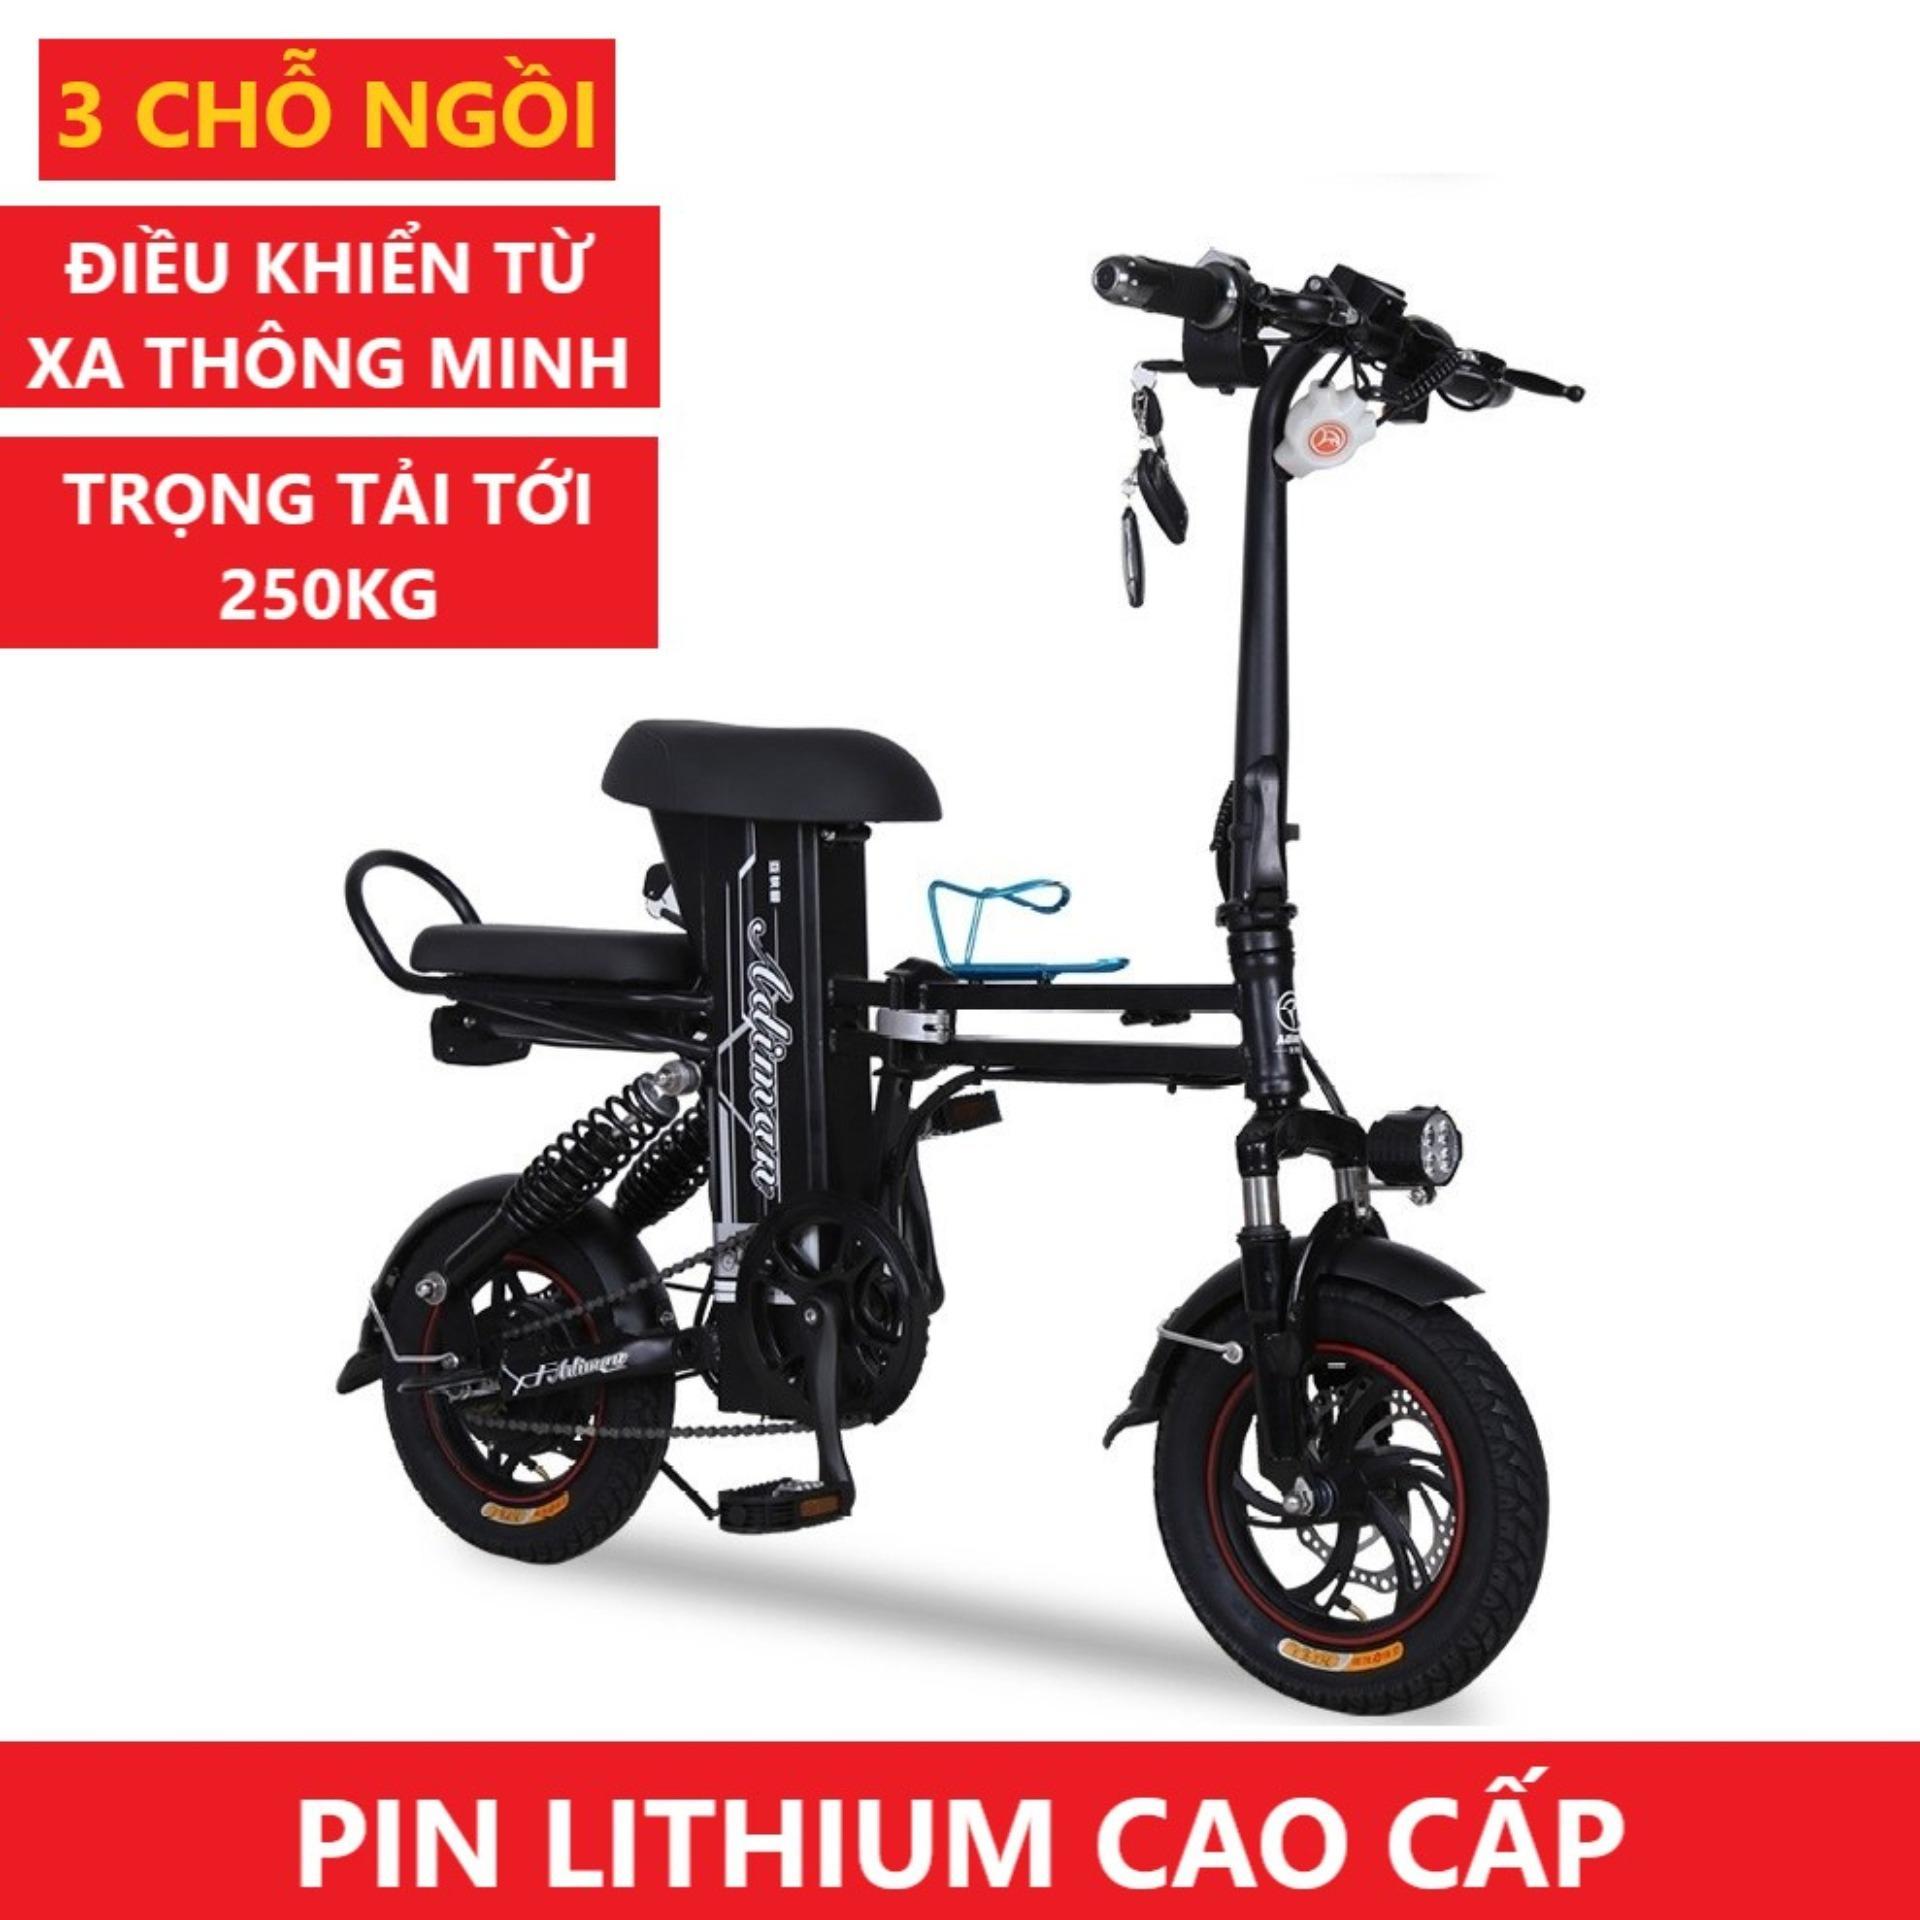 Xe Điện Gấp Gọn ADIMAN | Xe Đạp Điện | 3 Ghế Ngồi | Pin Lithium 48v-8A